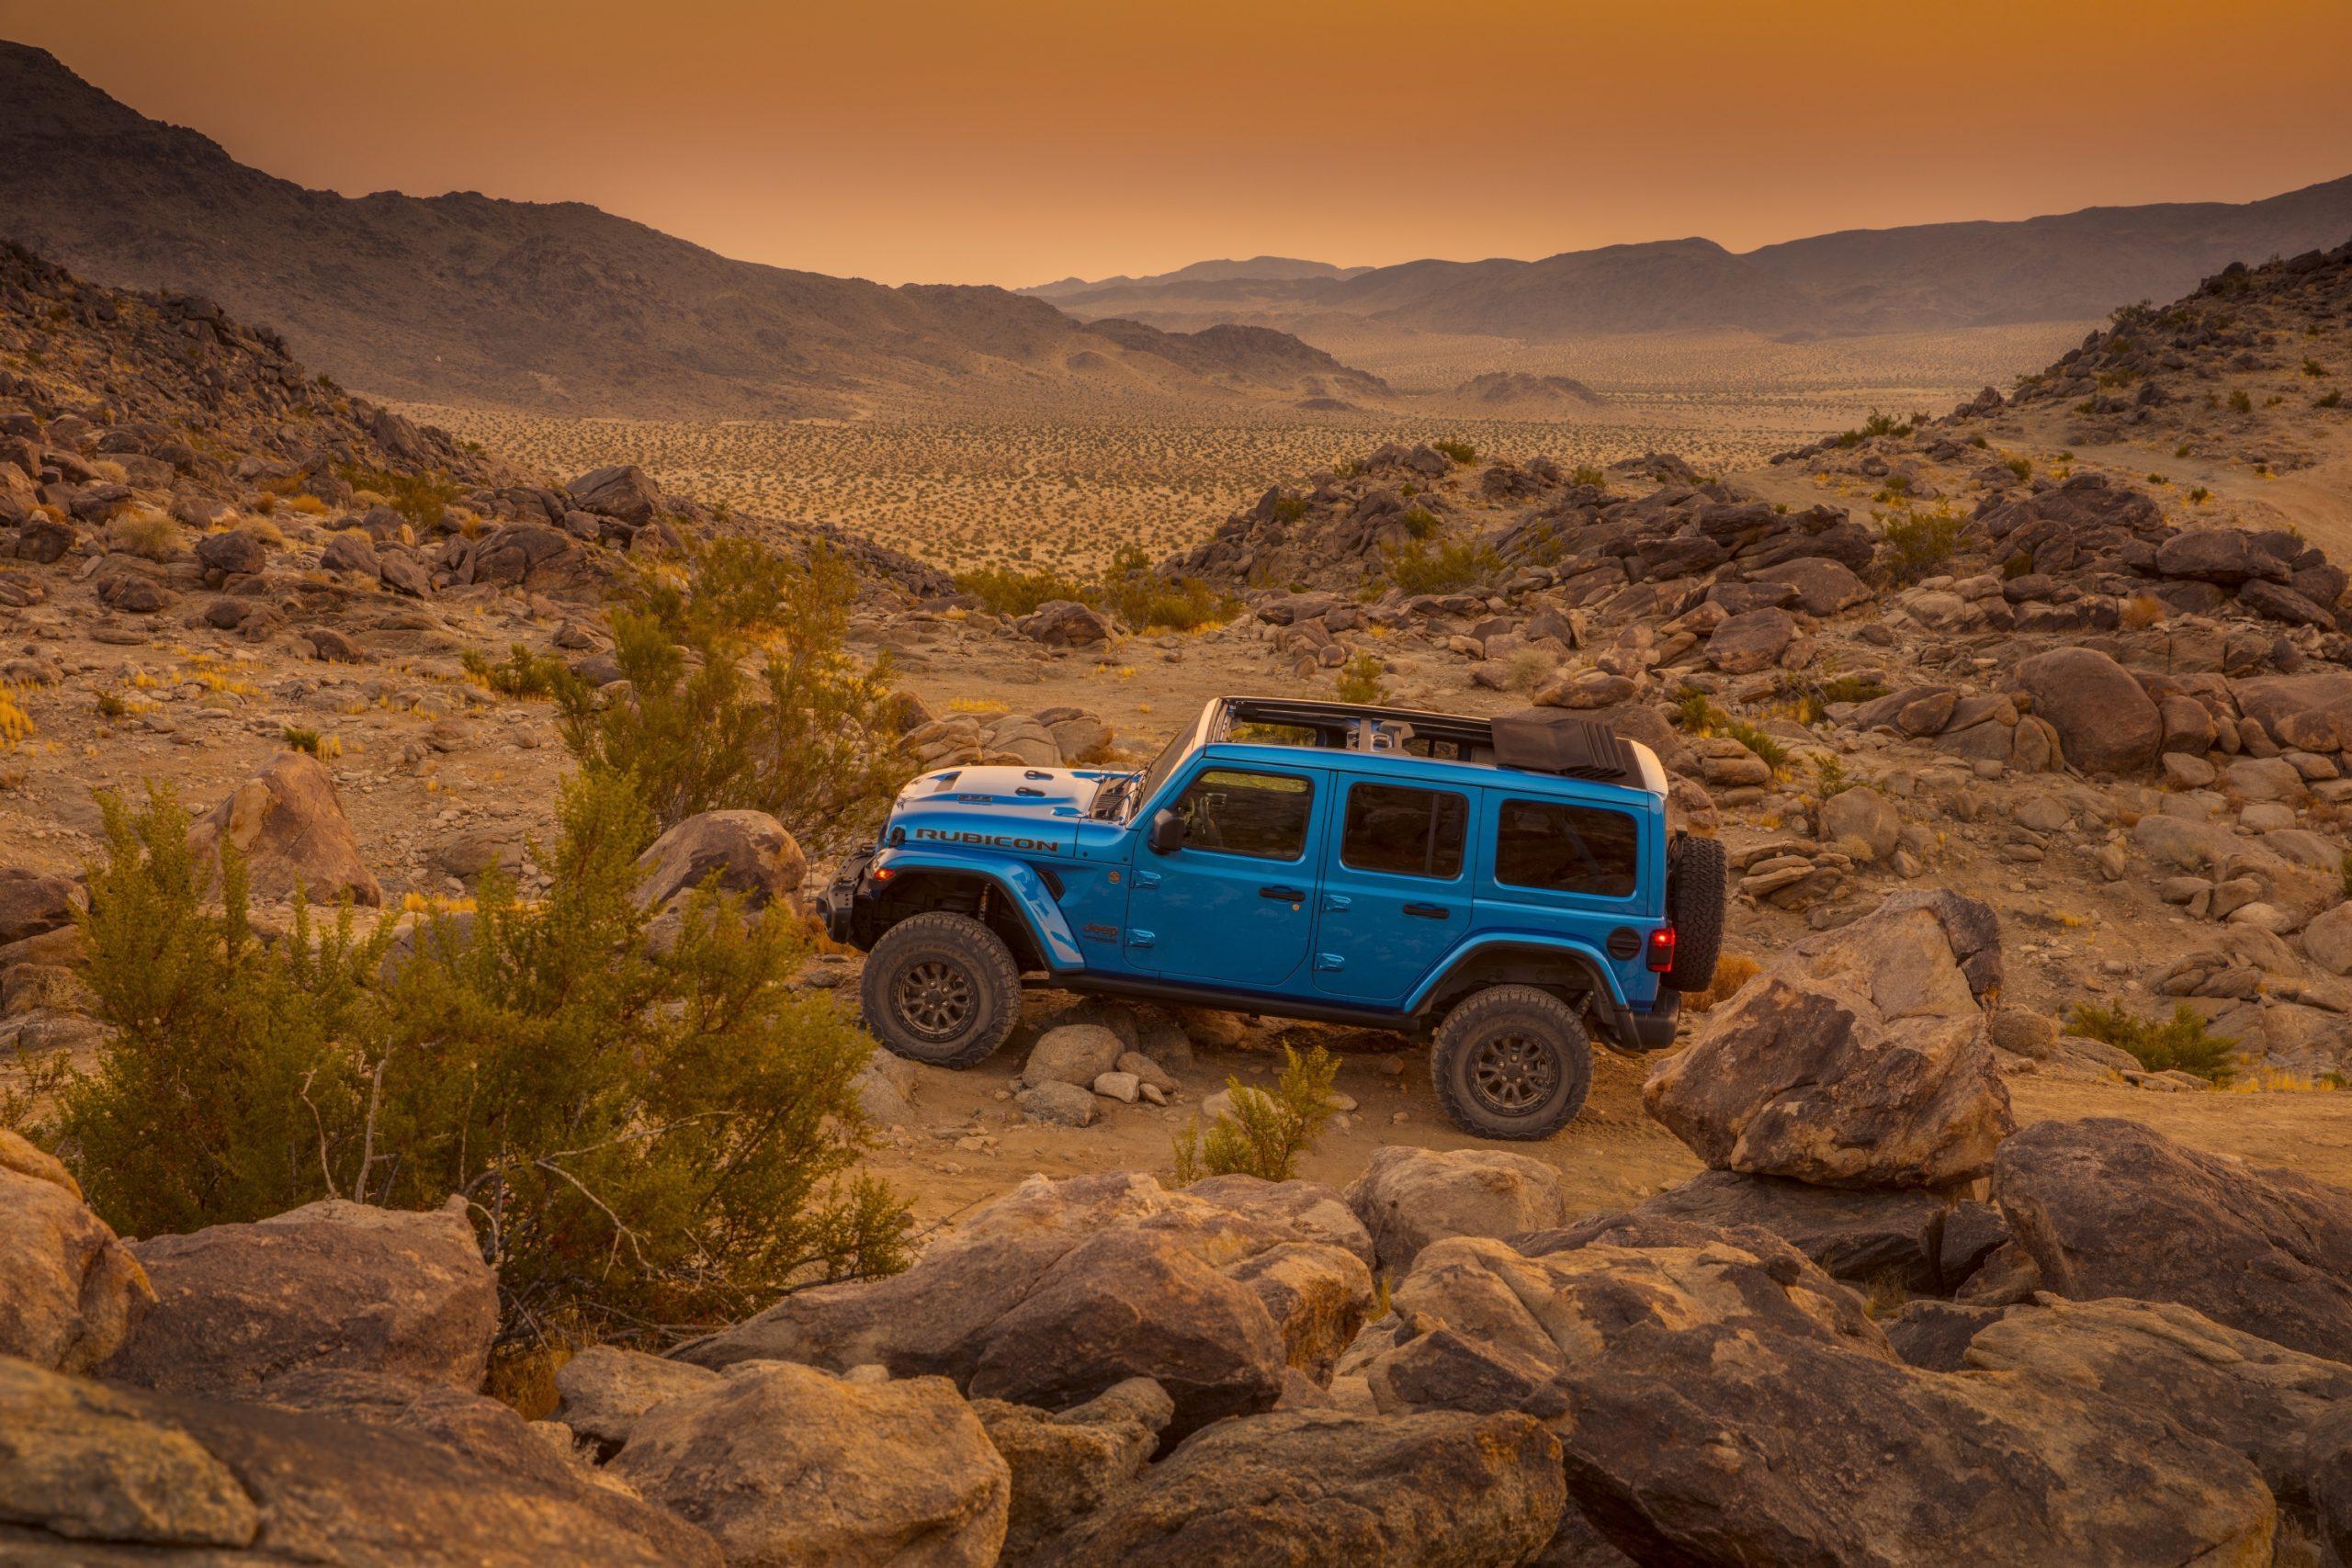 2021 Jeep Wrangler Rubicon 392 blue desert hero shot